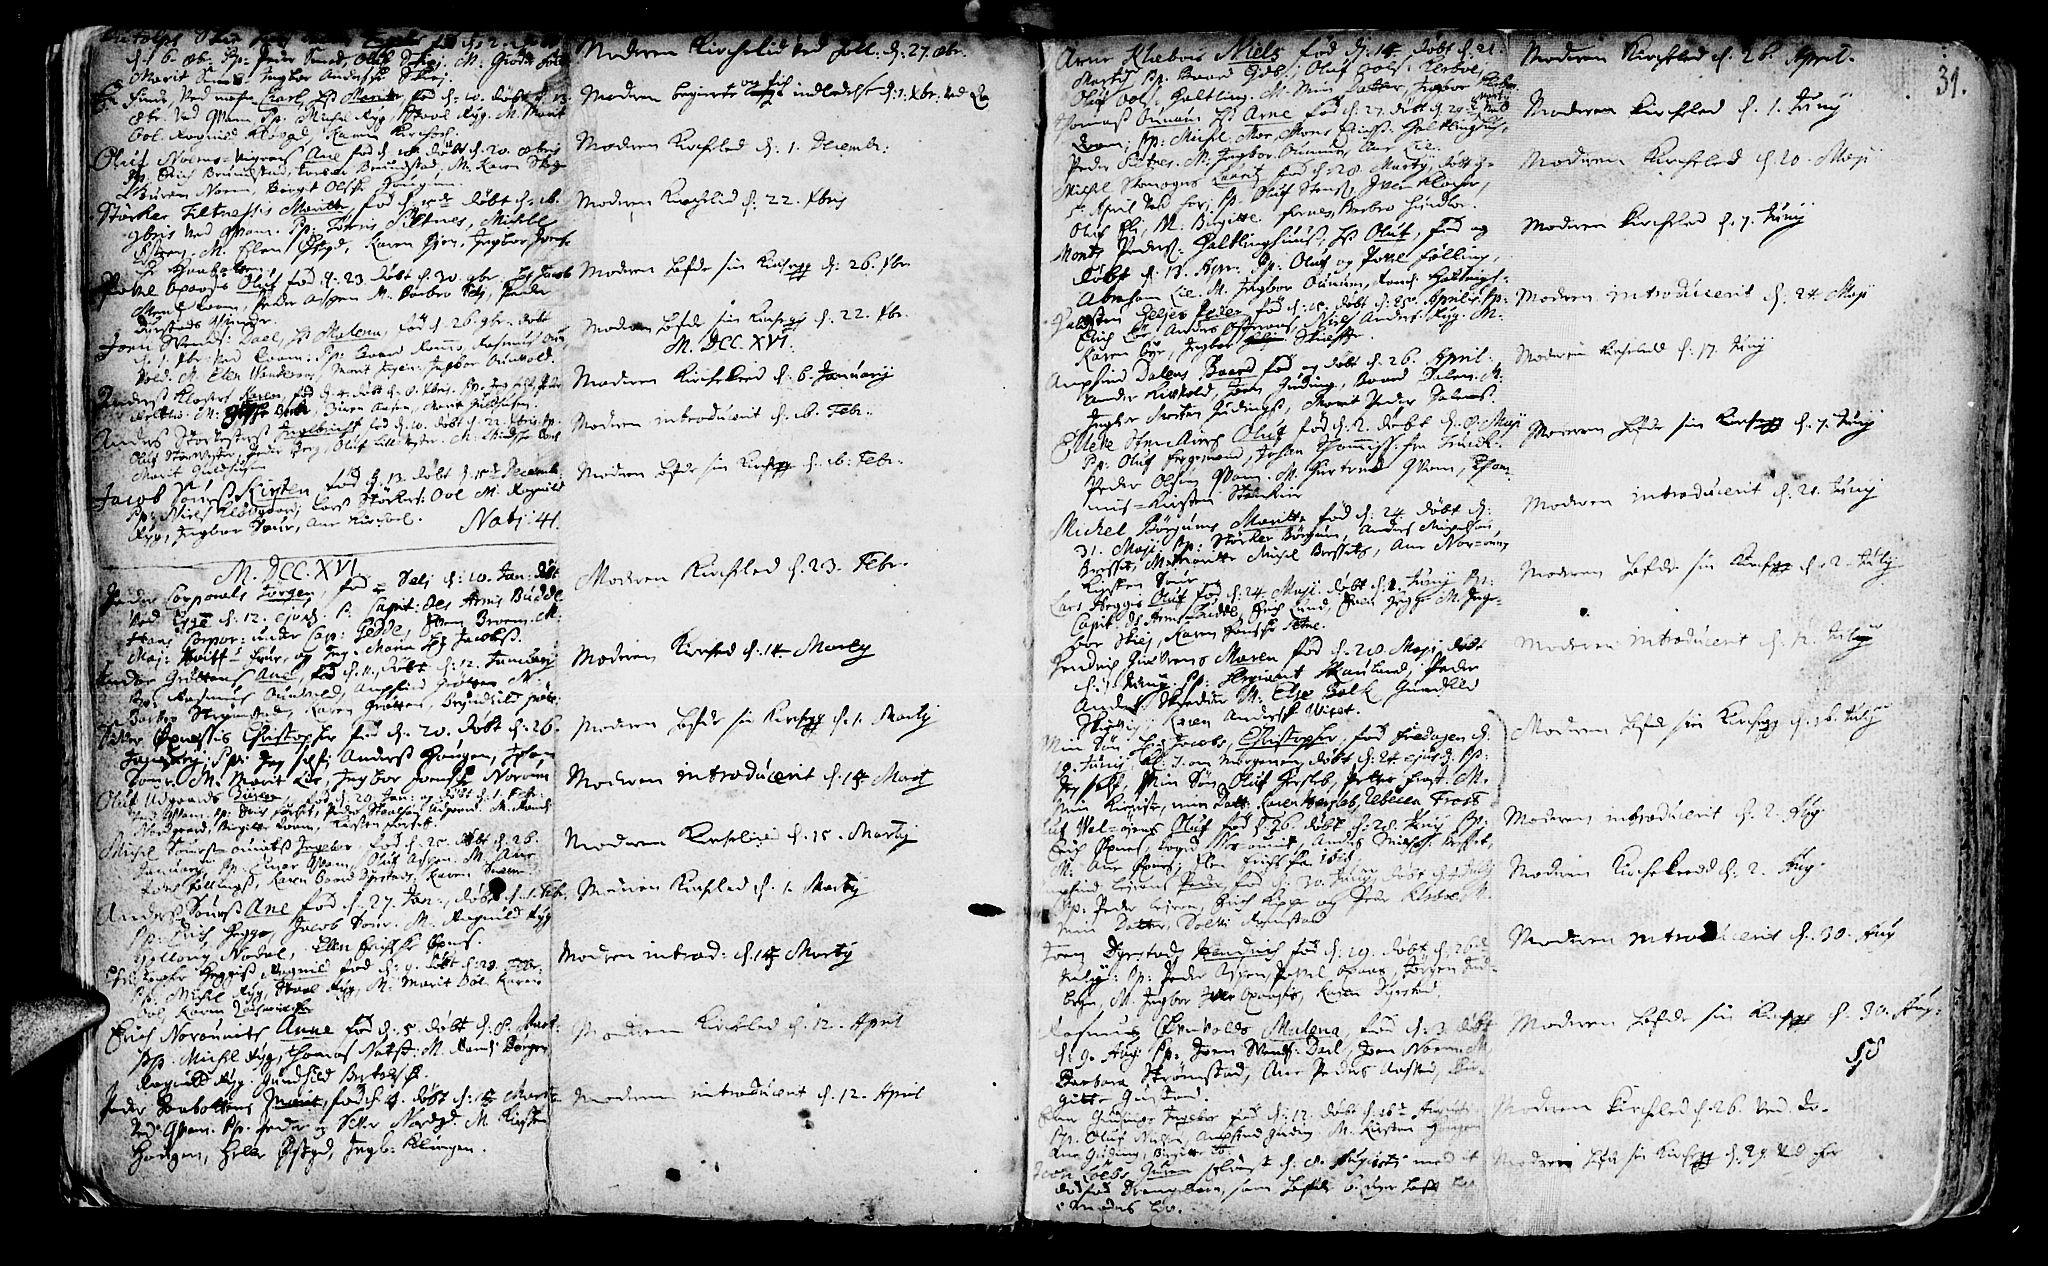 SAT, Ministerialprotokoller, klokkerbøker og fødselsregistre - Nord-Trøndelag, 746/L0439: Ministerialbok nr. 746A01, 1688-1759, s. 31